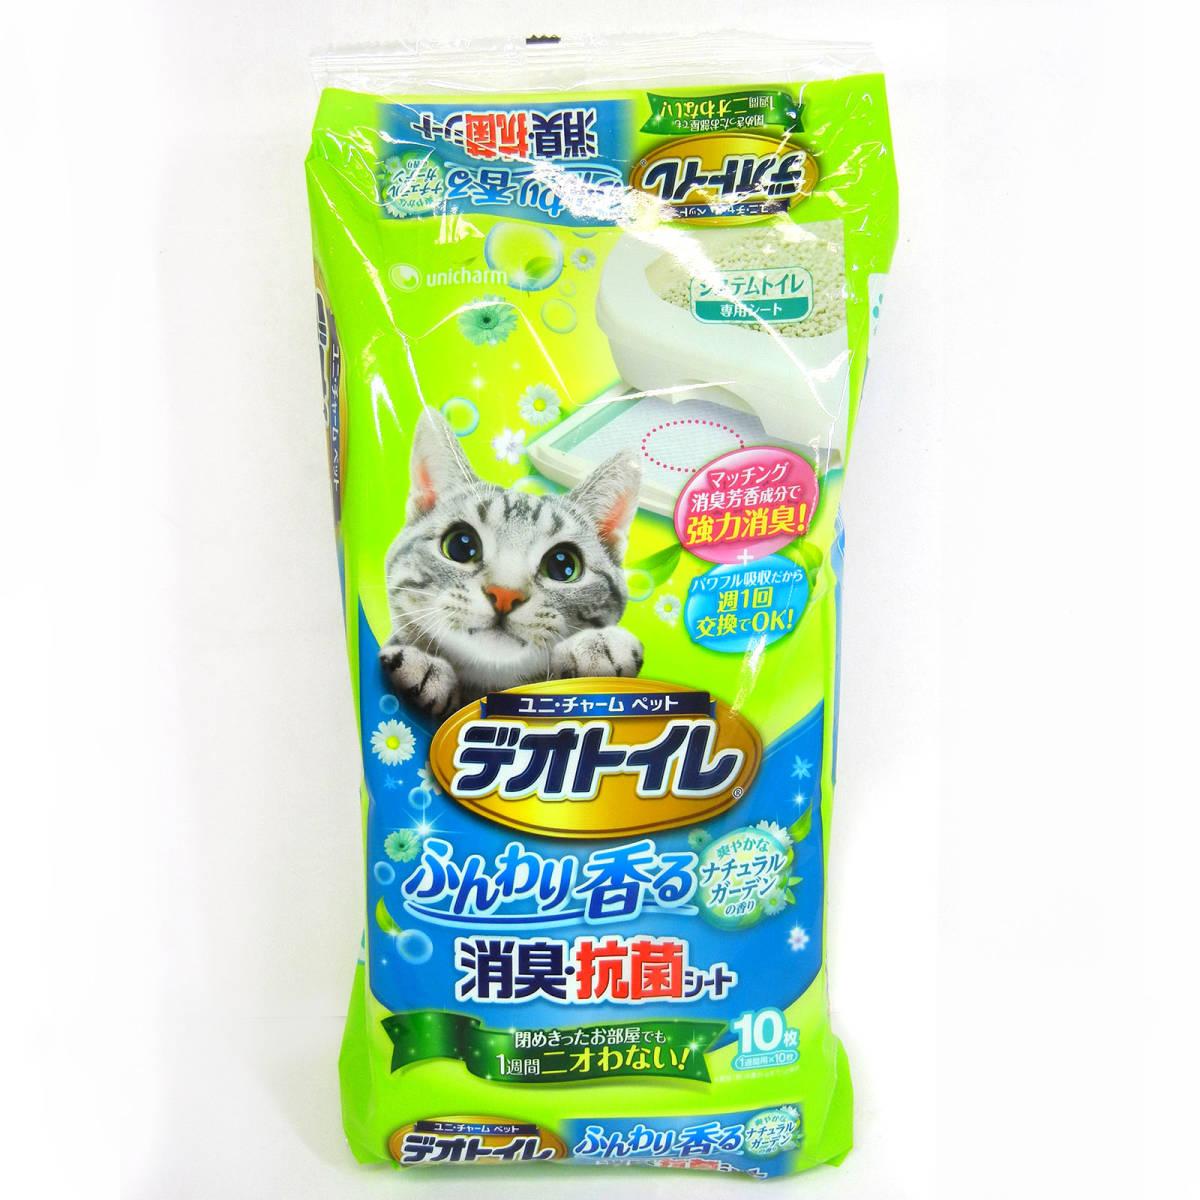 ☆【ペット用品】デオトイレ 1週間消臭・抗菌ふんわり香るシート ナチュラルガーデンの香り 10枚入☆_画像1